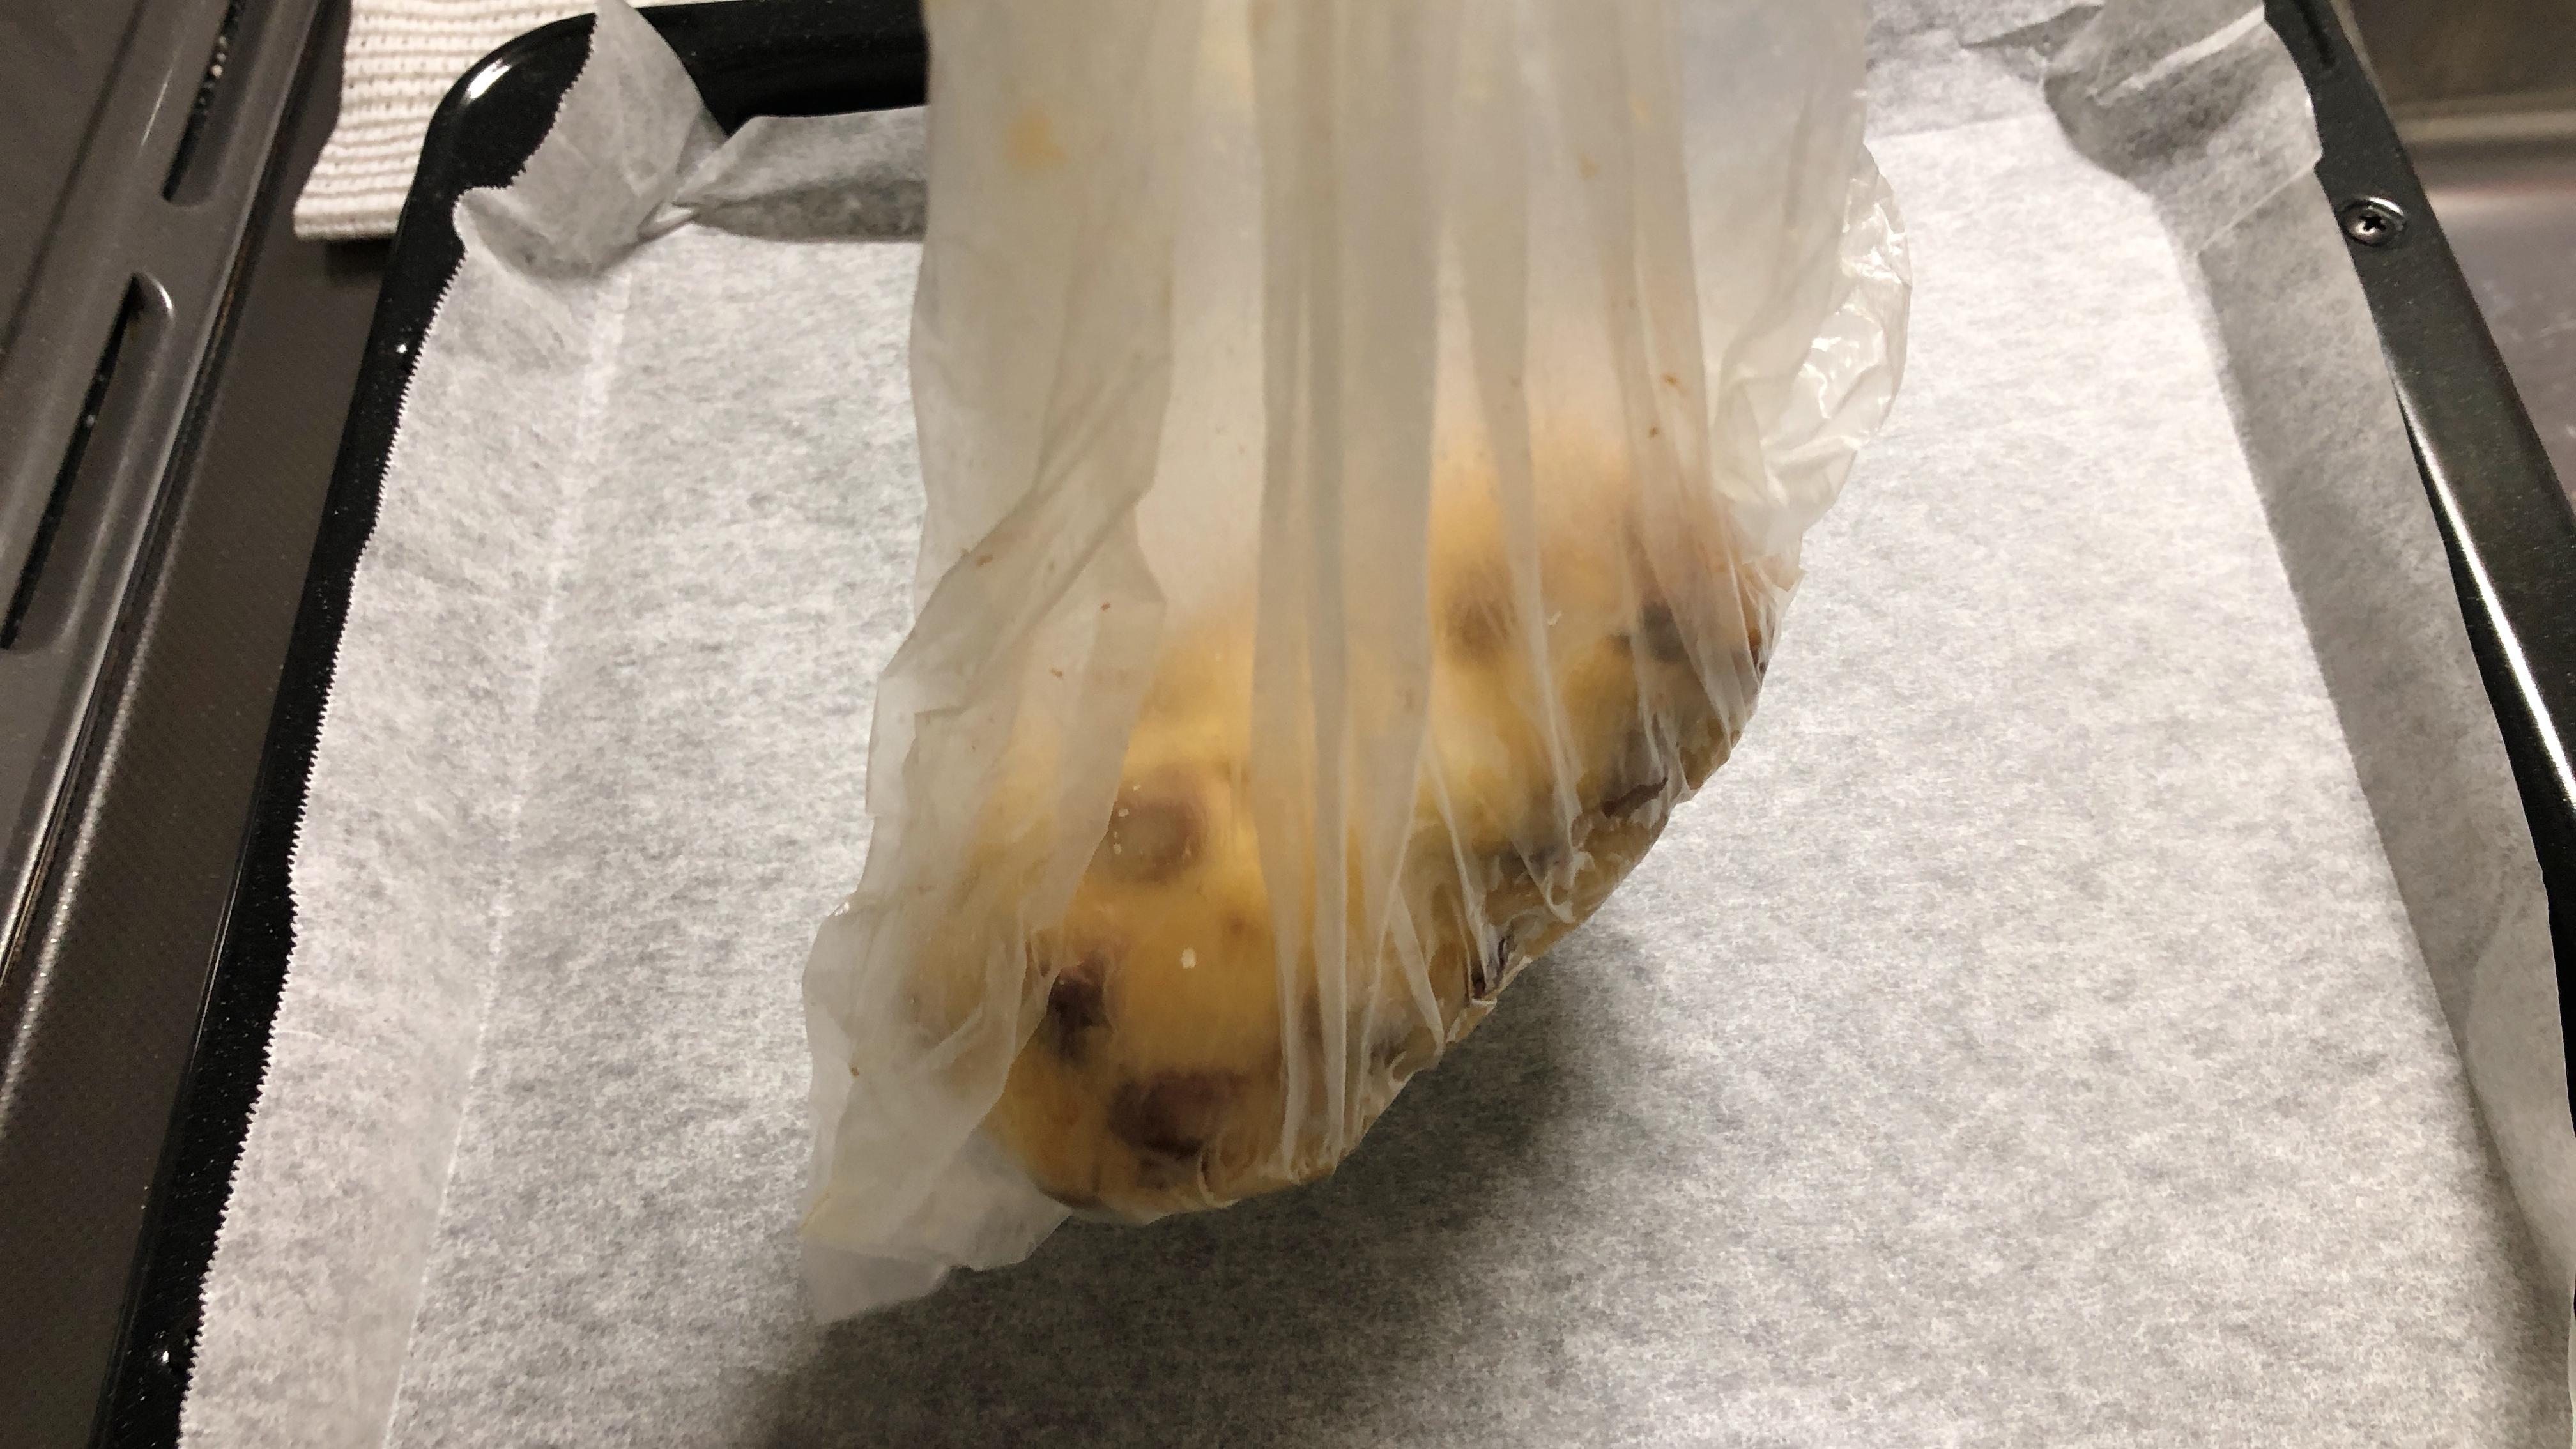 【画像】今からクッキー焼くけど質問ある?